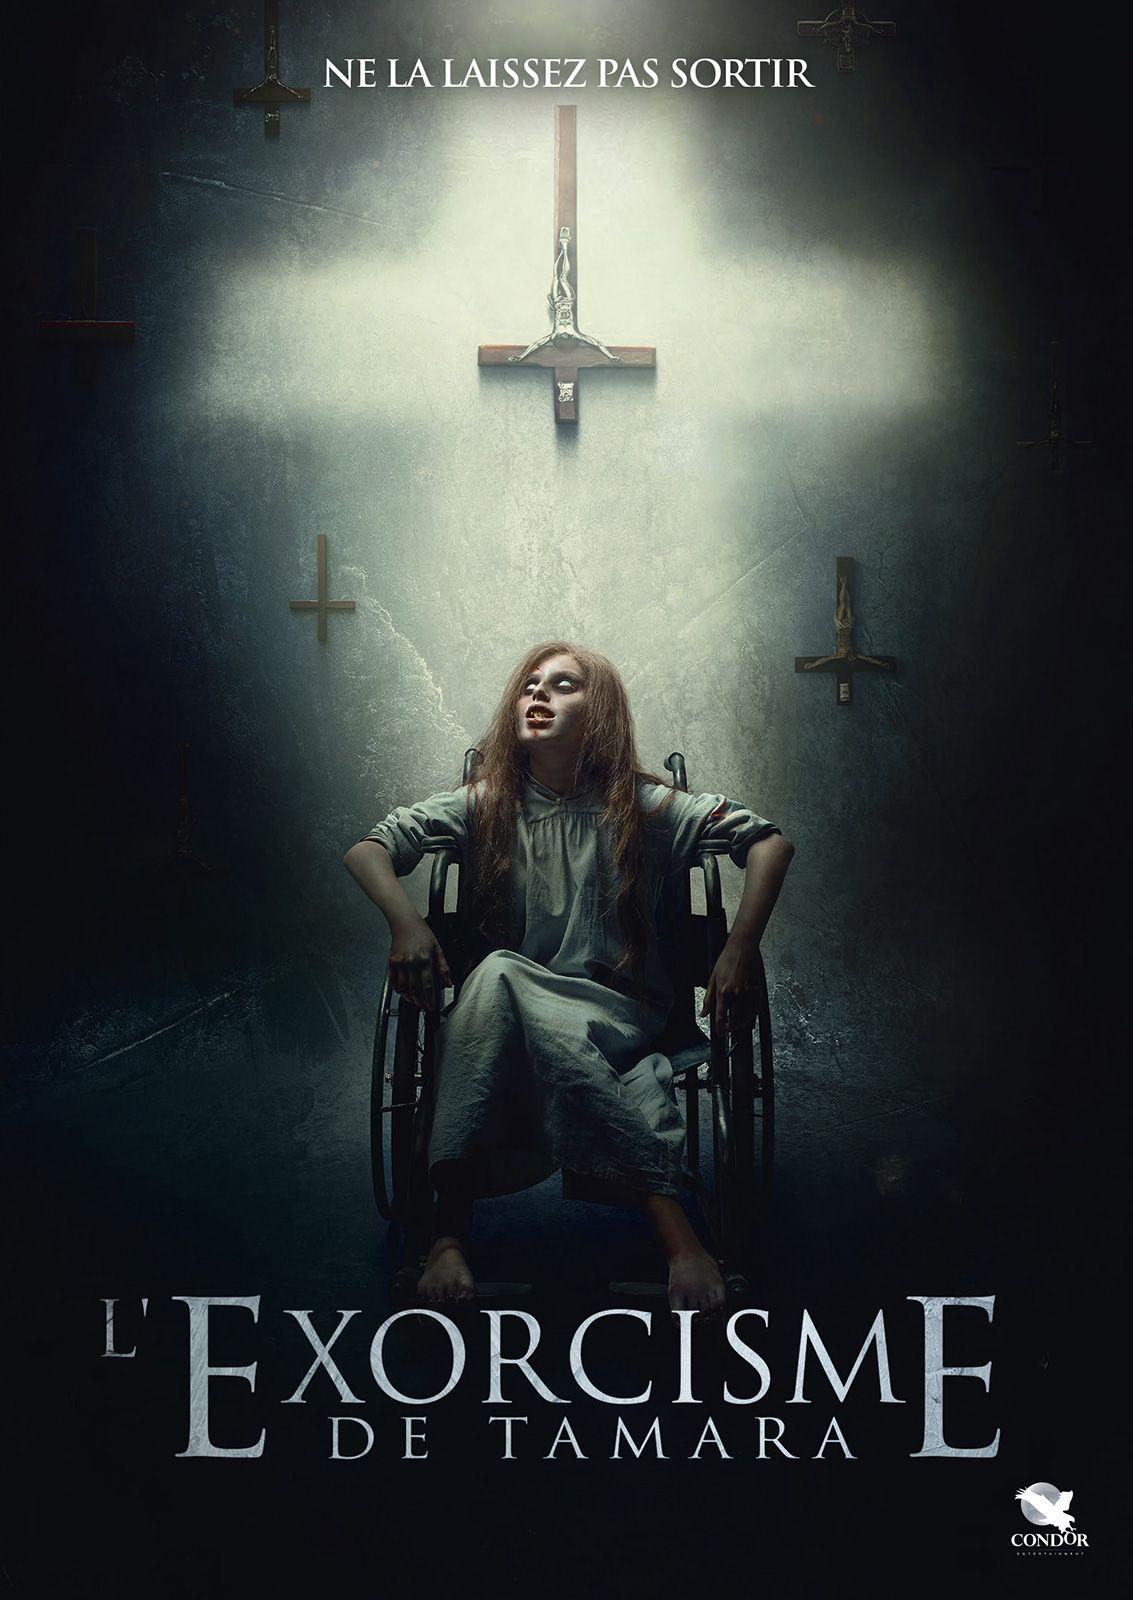 L'Exorcisme de Tamara - Film (2017)